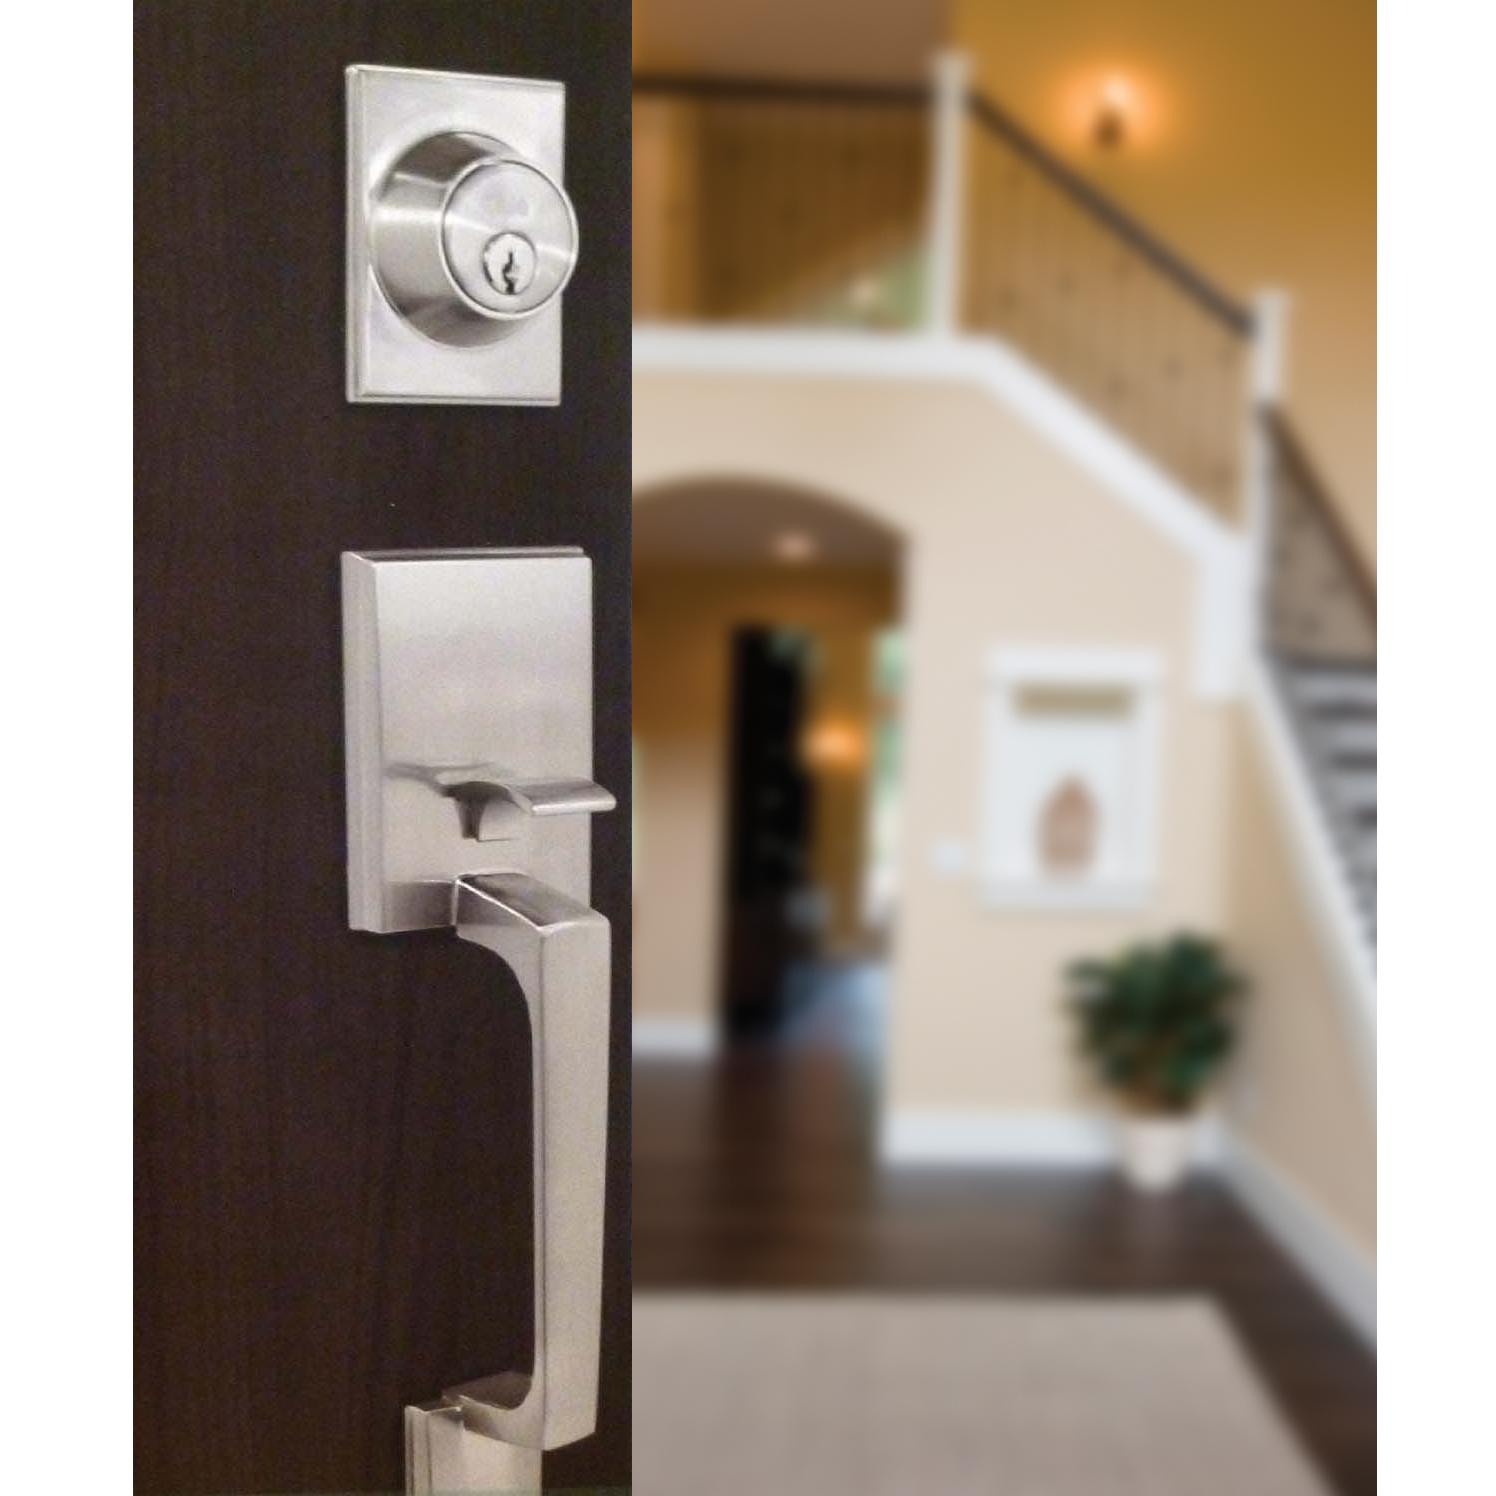 Cerradura manillón liverpool para puerta principal con sistema de llave mariposa